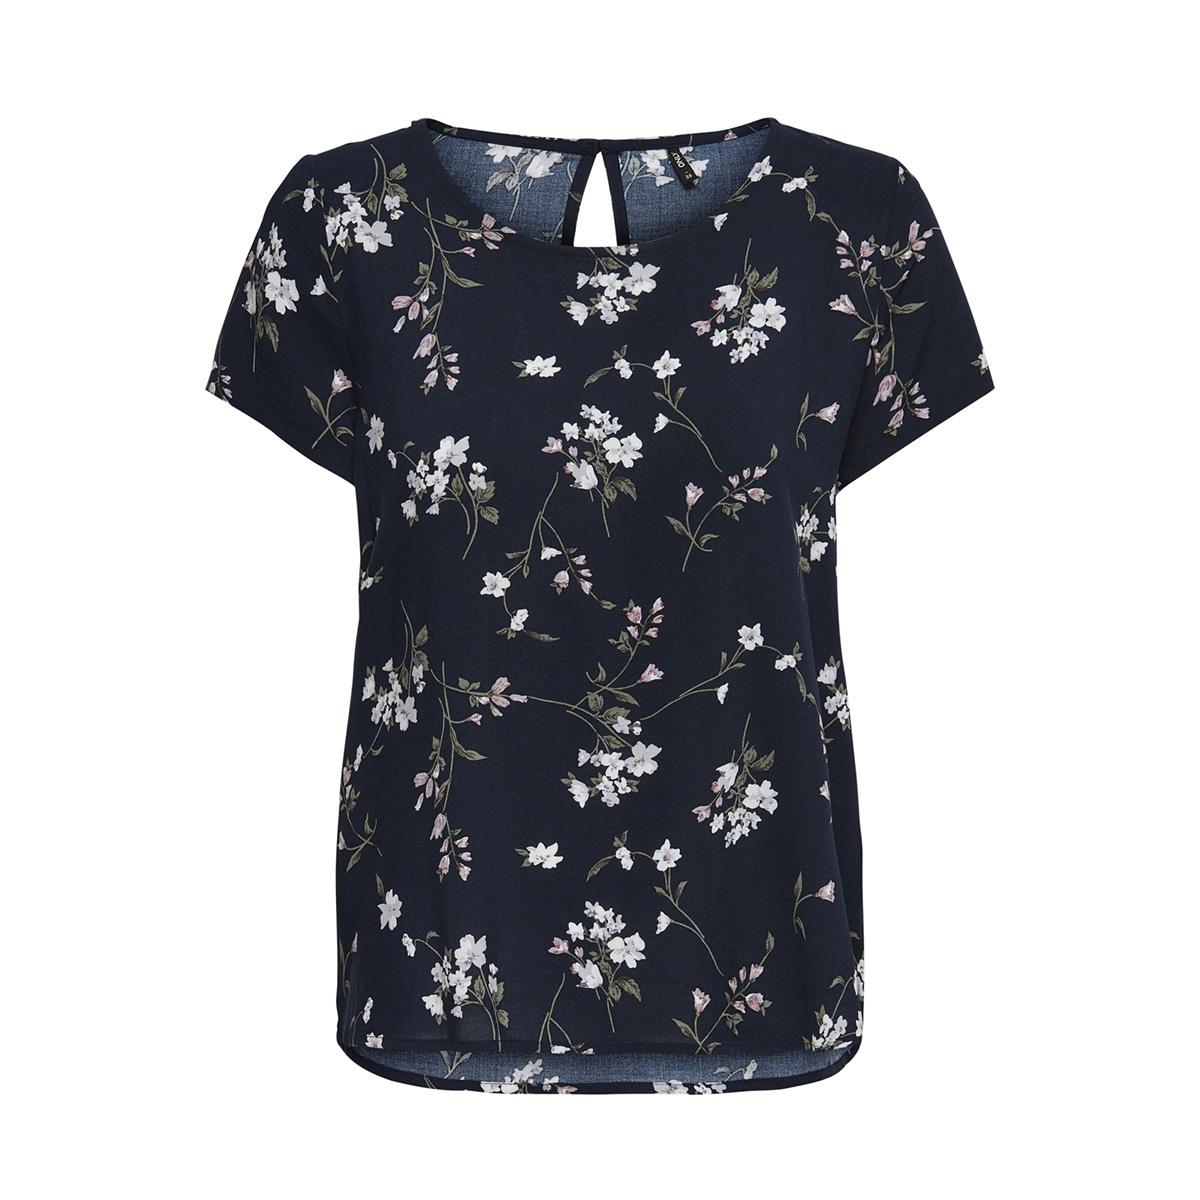 onlfirst ss mix aop top  noos wvn 15138761 only t-shirt night sky/flowers aw